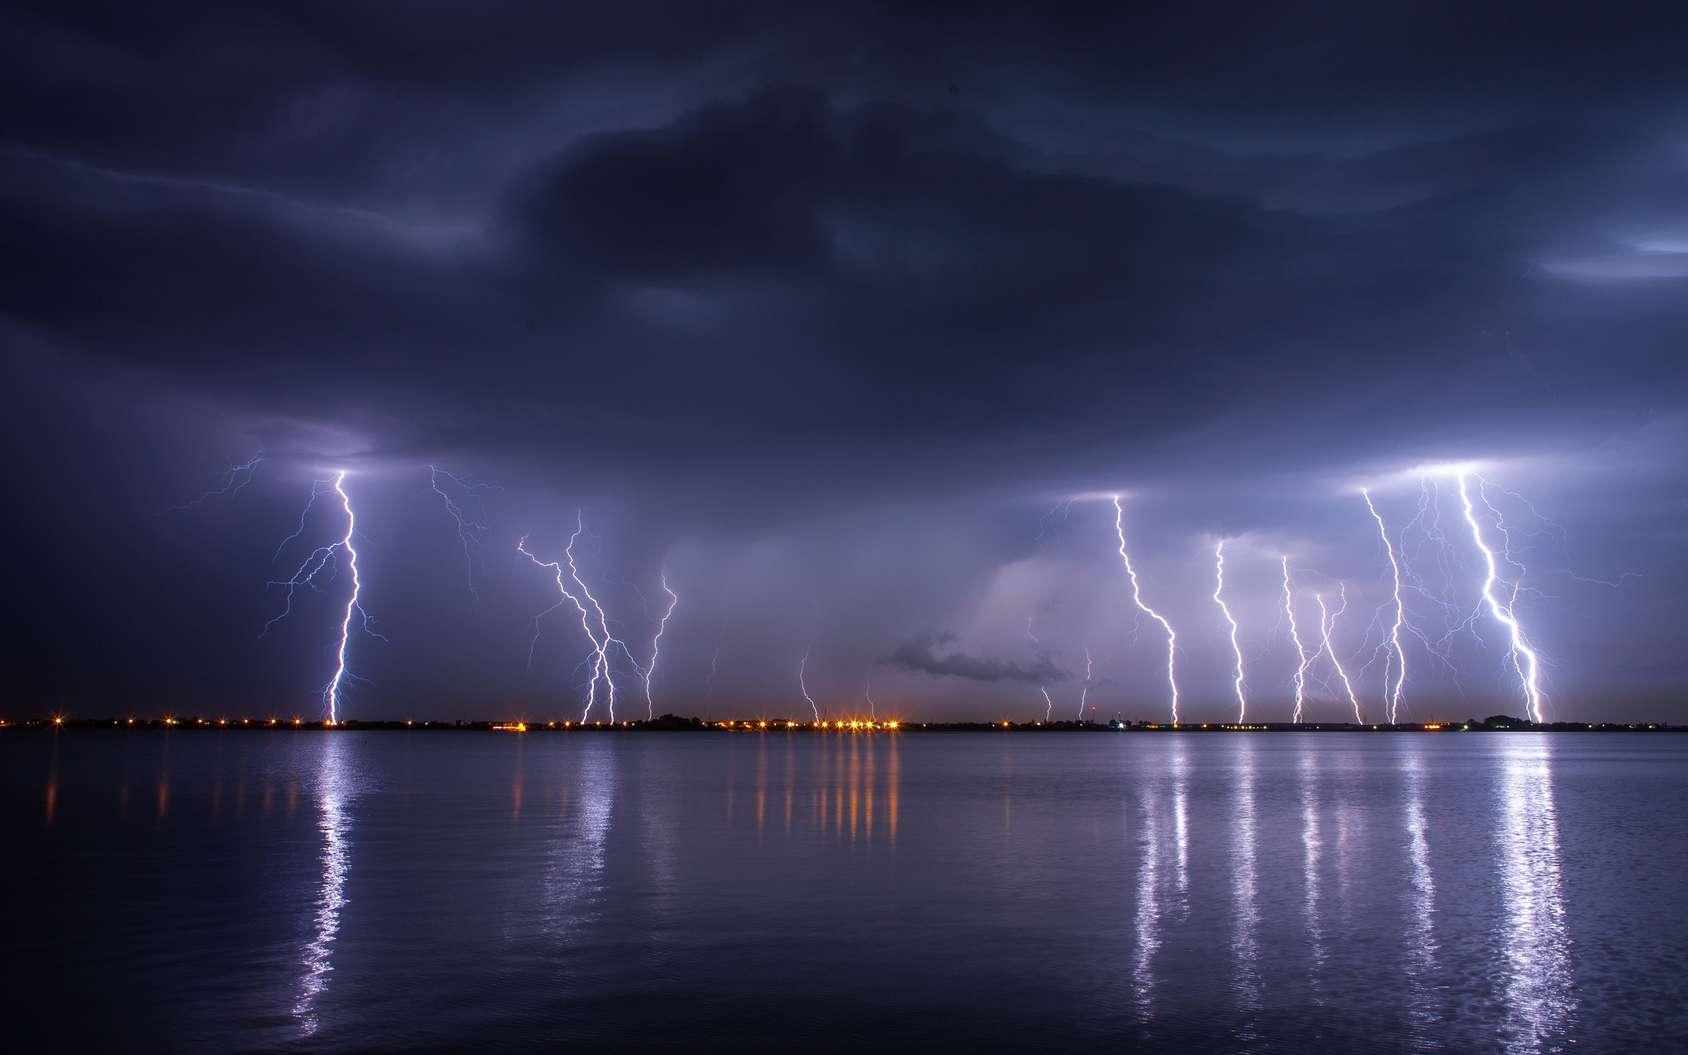 Lorsque l'éclair frappe le sol terrestre, on l'appelle foudre. © danmir12, fotolia